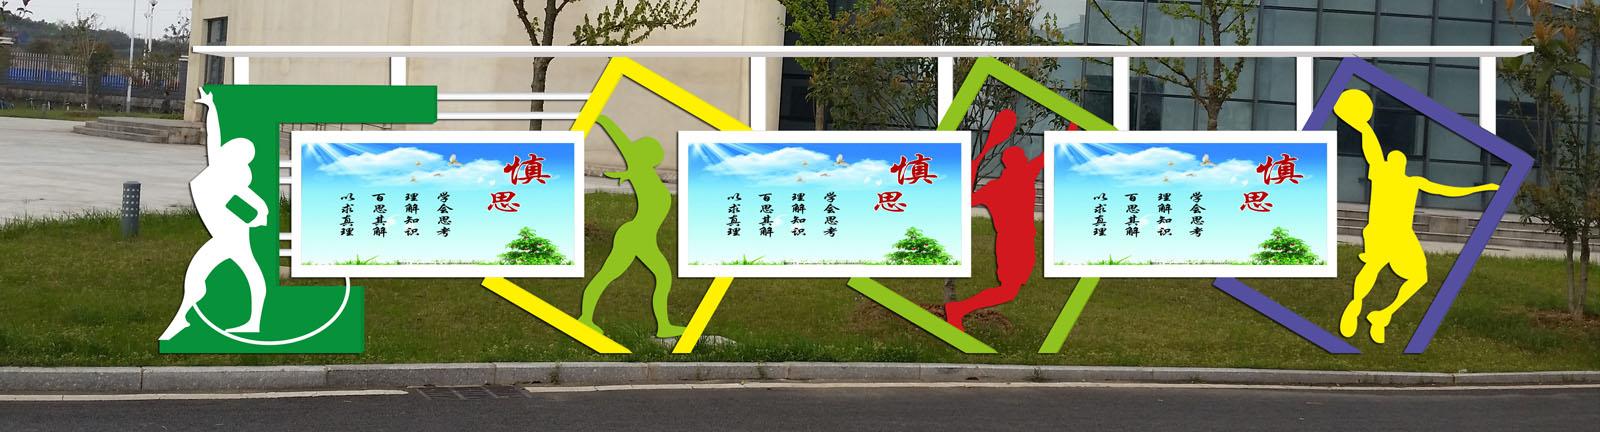 甘肃公交候车亭